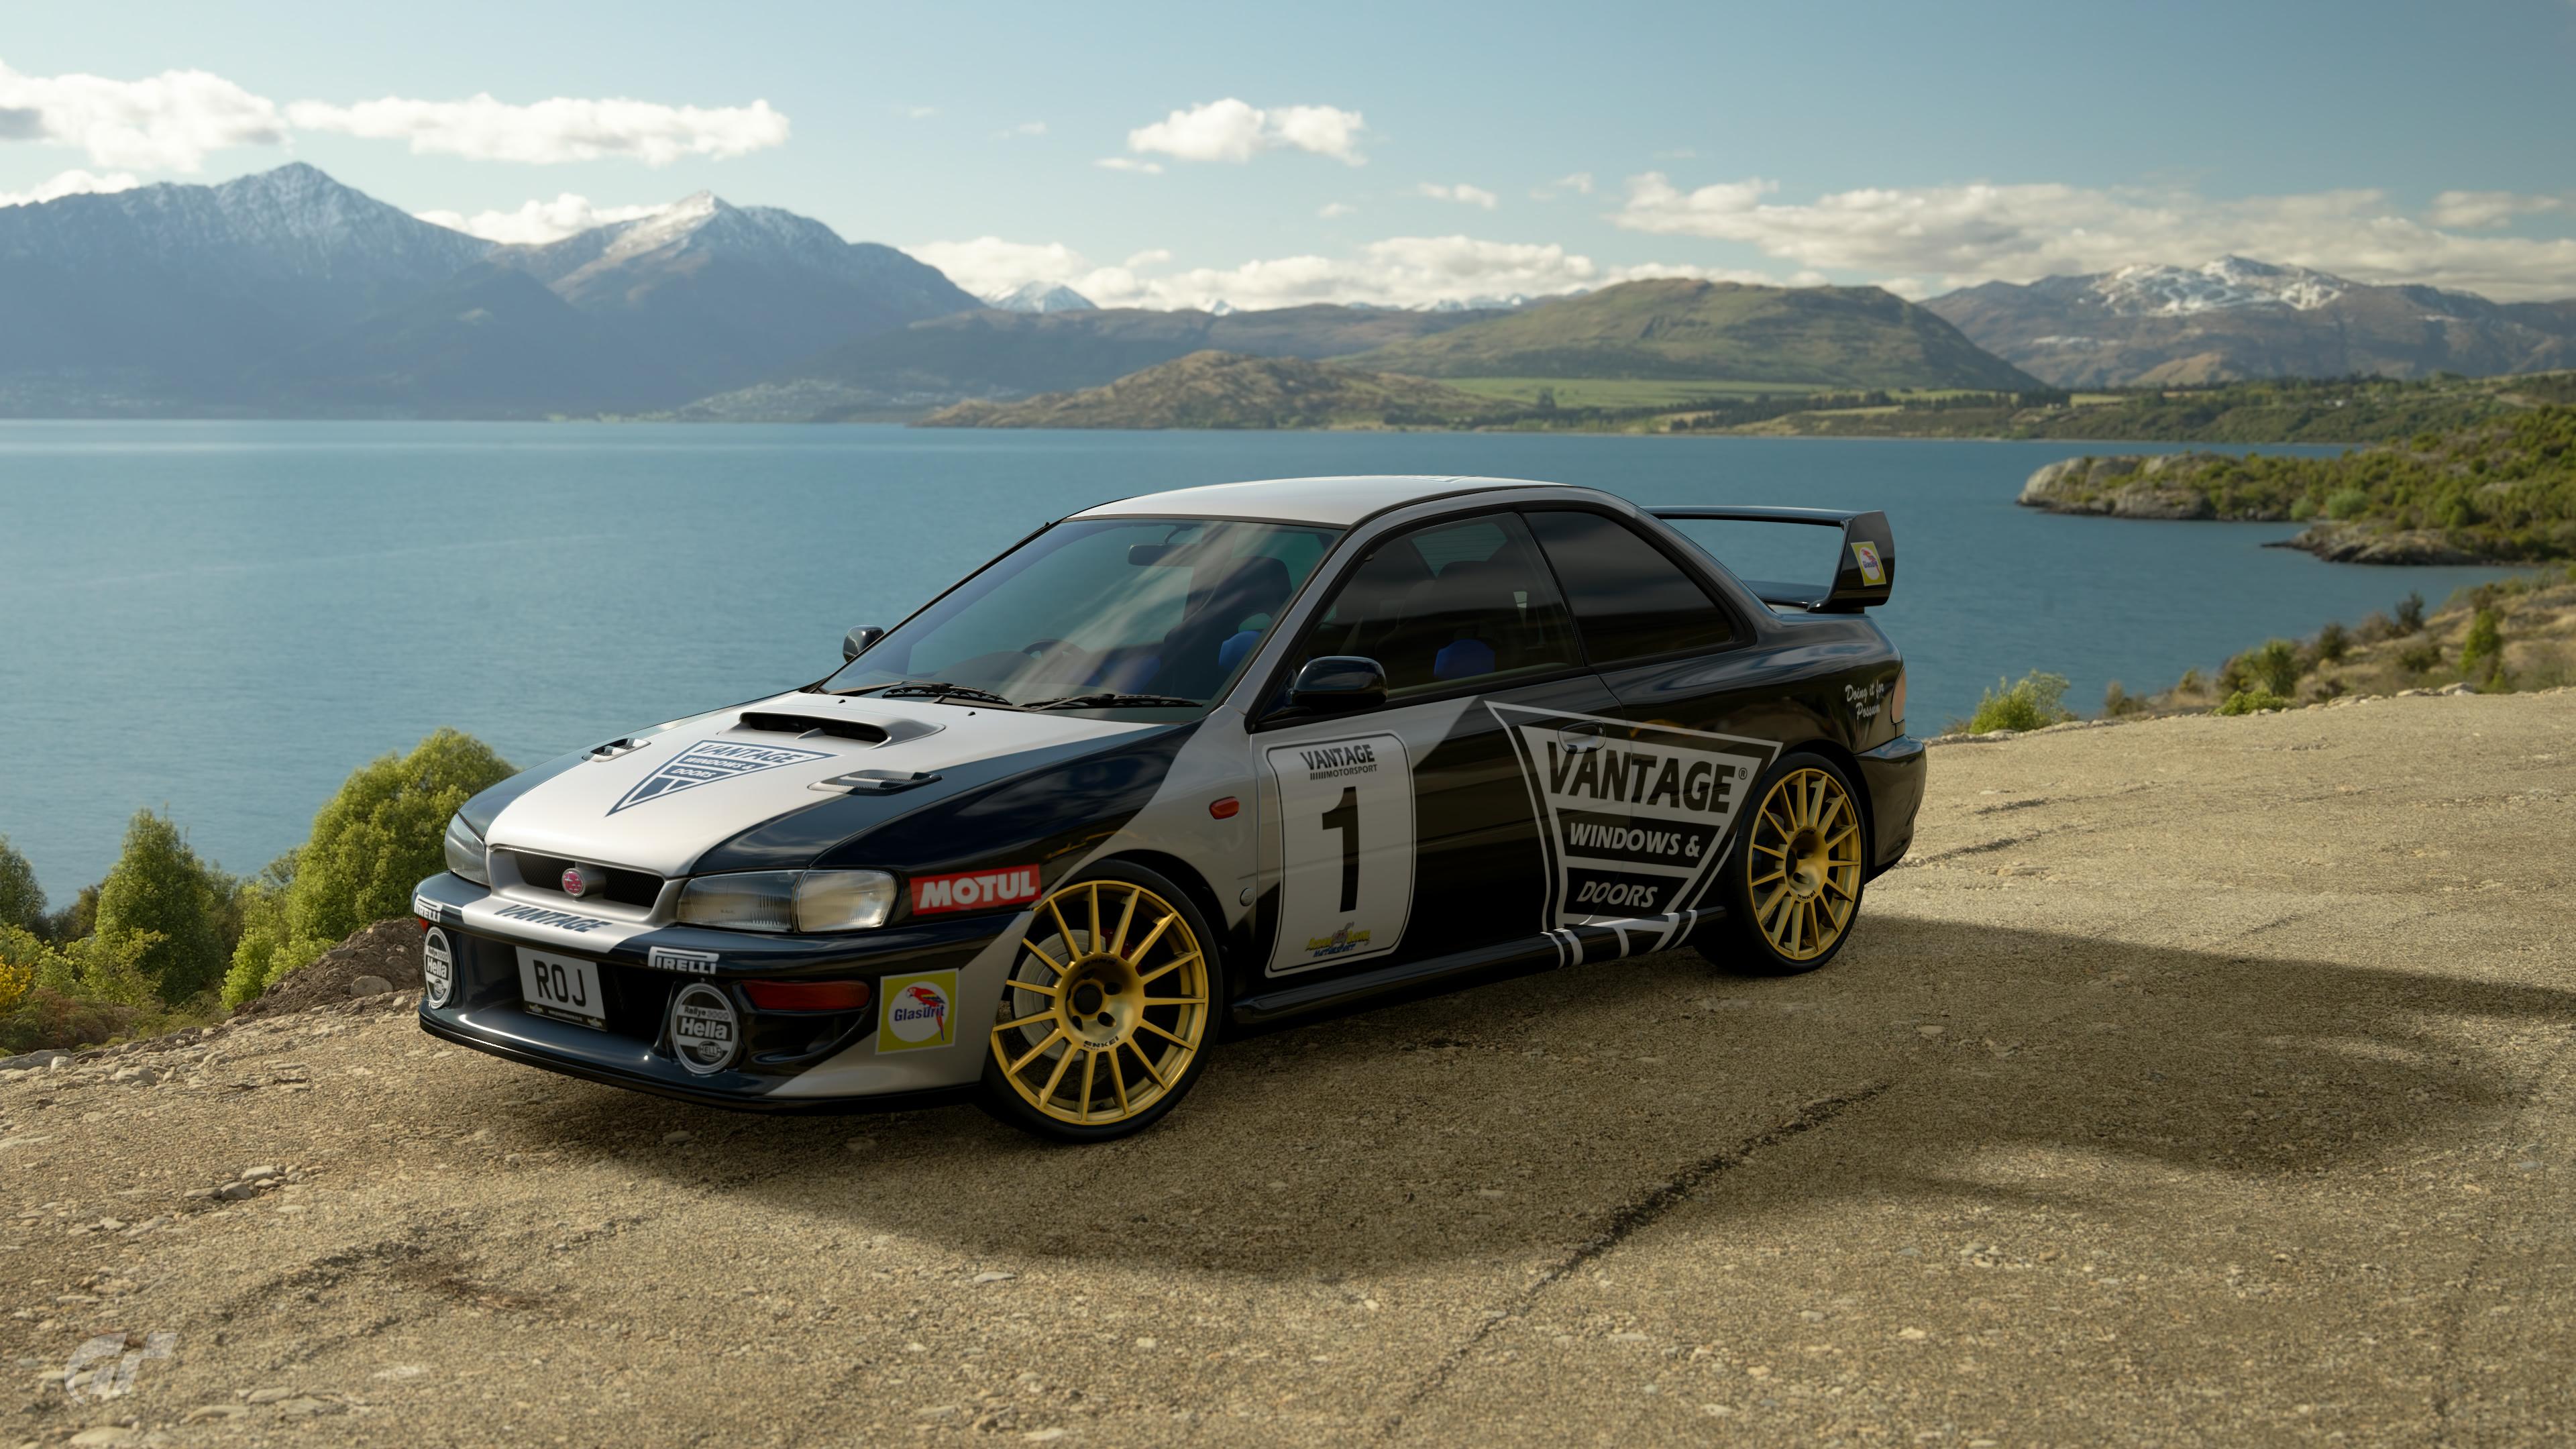 Possum Bourne Motorsport Subaru Impreza 22B